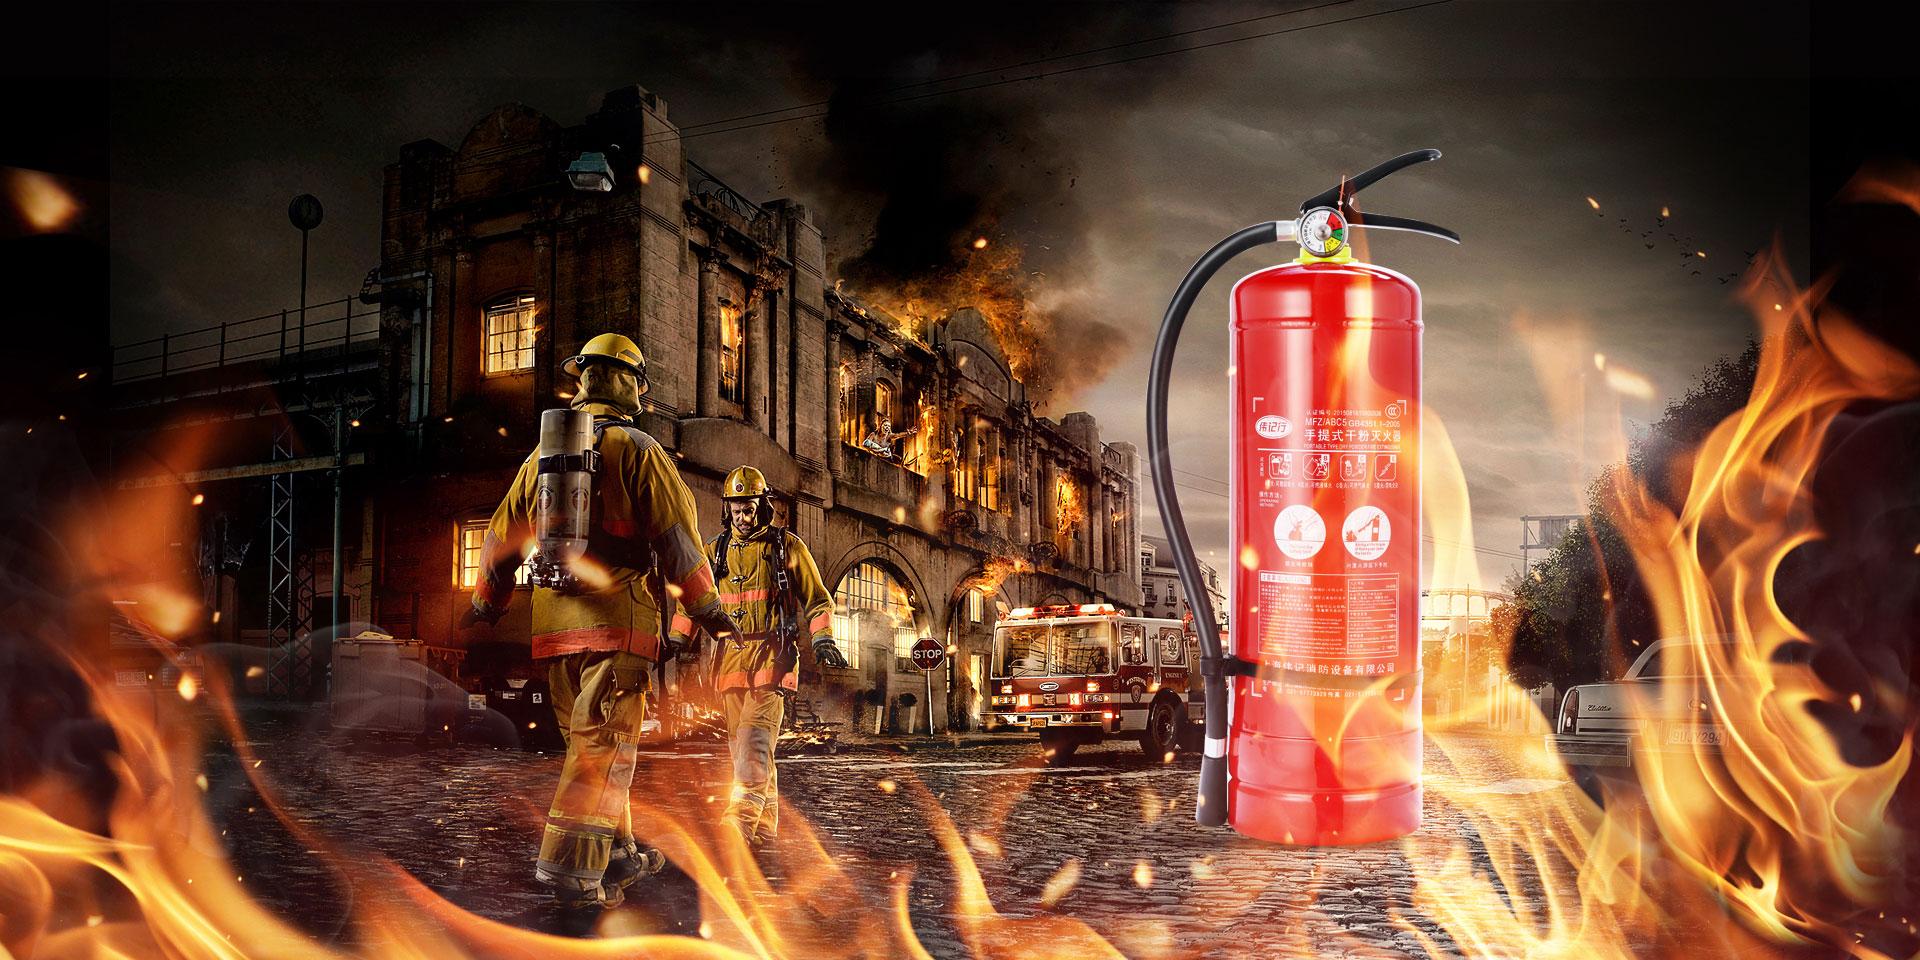 消防认证 品牌直营